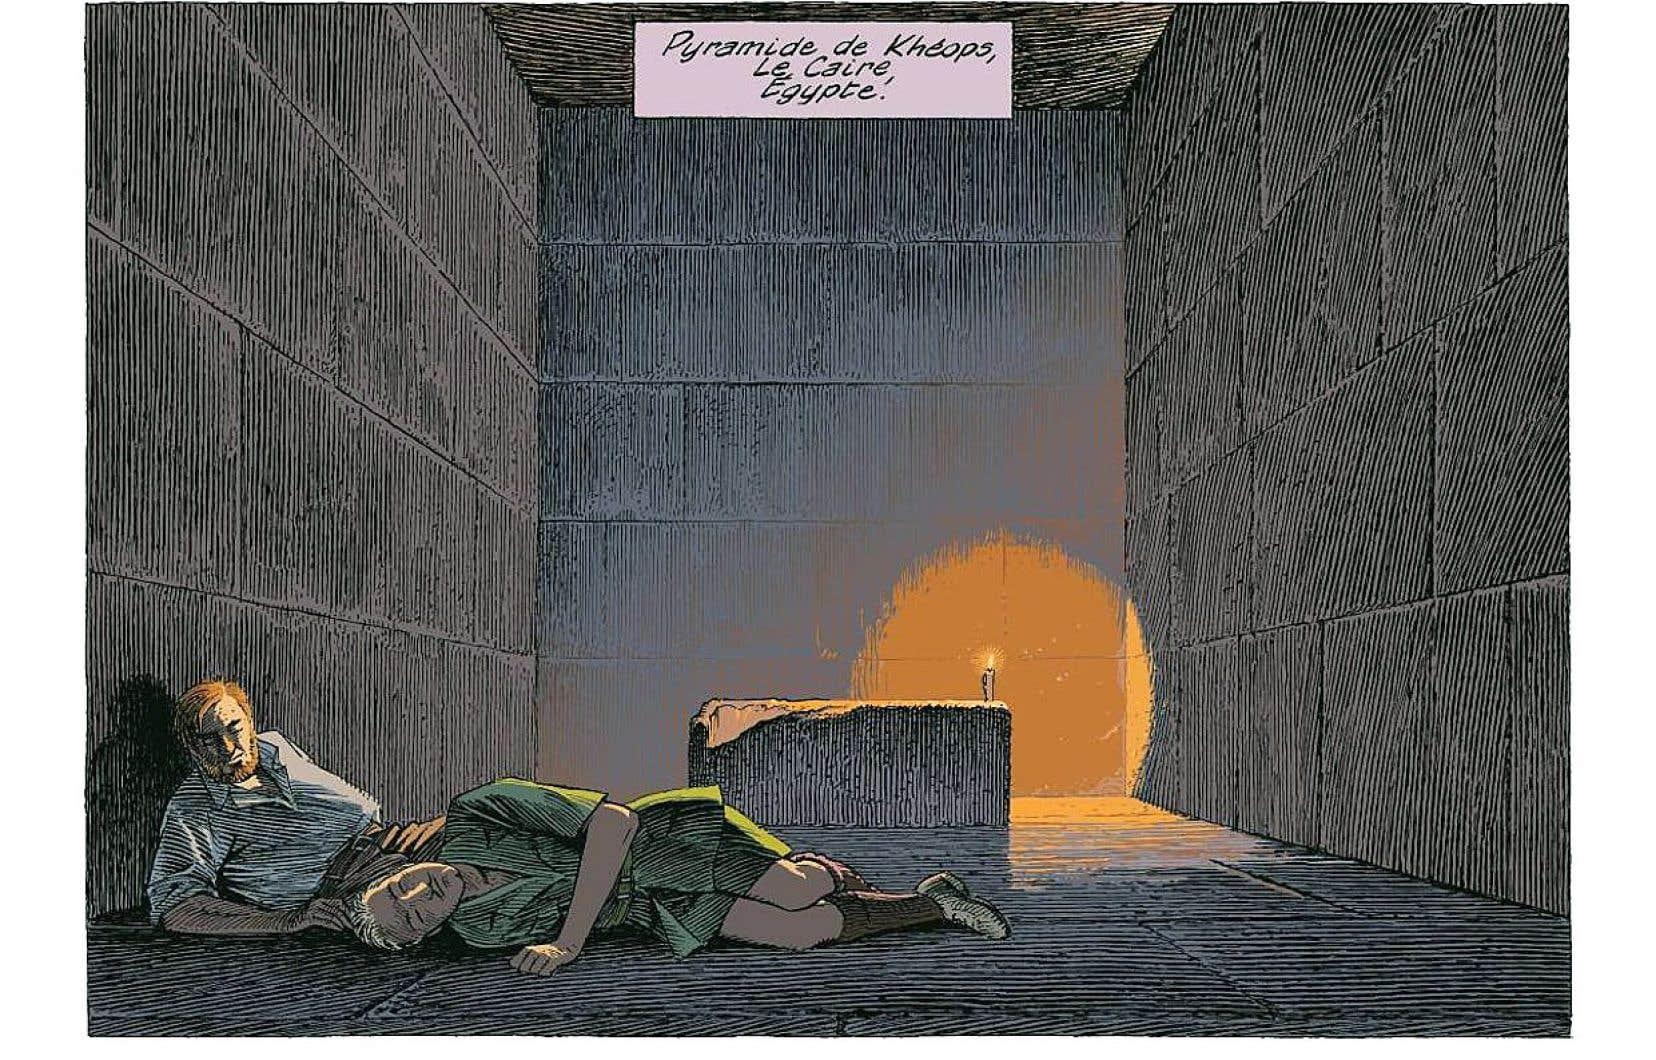 Dans «Le dernier pharaon», François Schuiten intègre les personnages de Blake et Mortimer dans son propre univers aux perspectives architecturales vertigineuses.